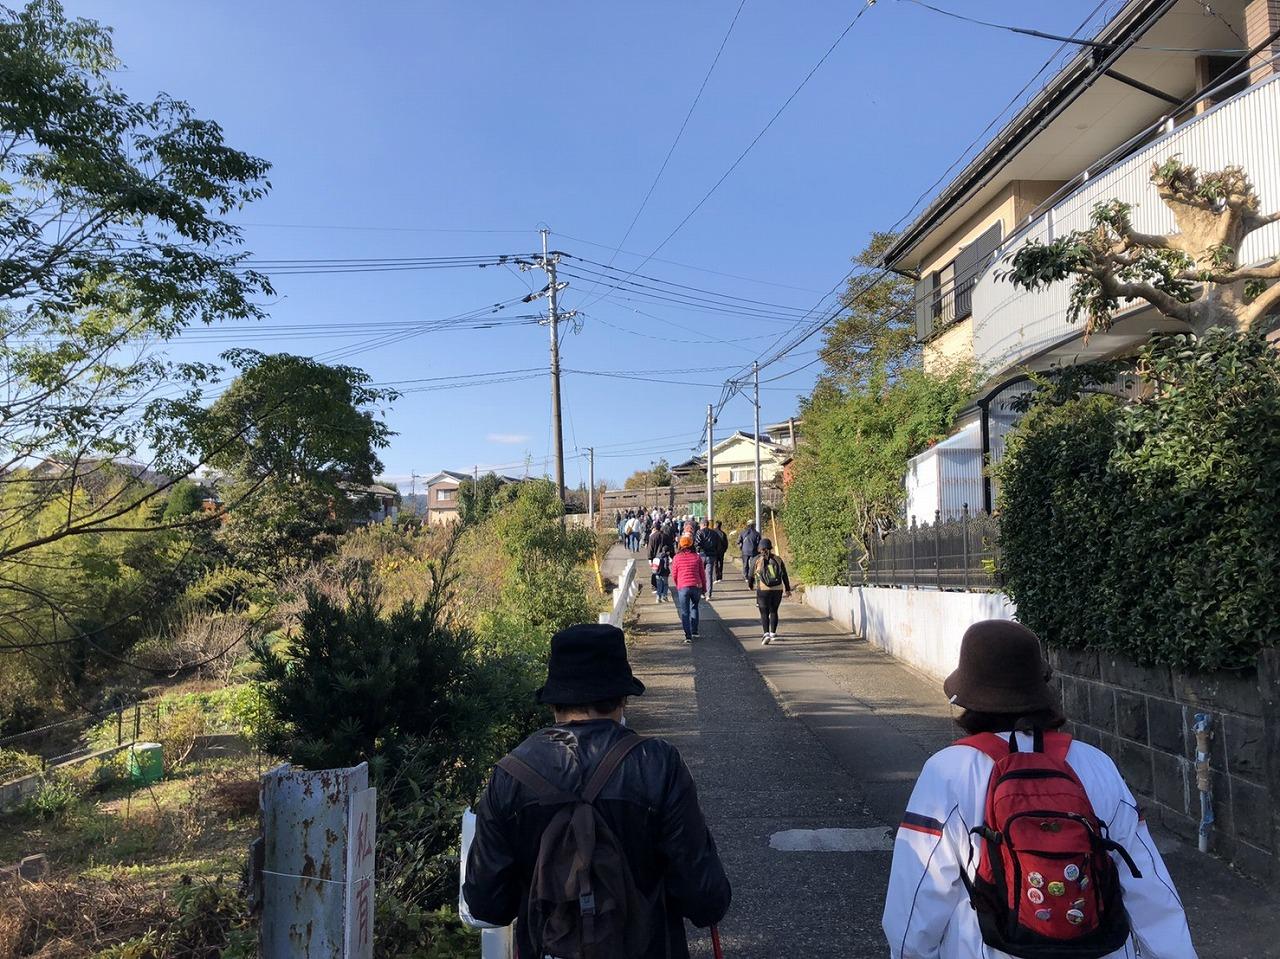 11月29日日曜日「下北地区歩こう会」が開催されました